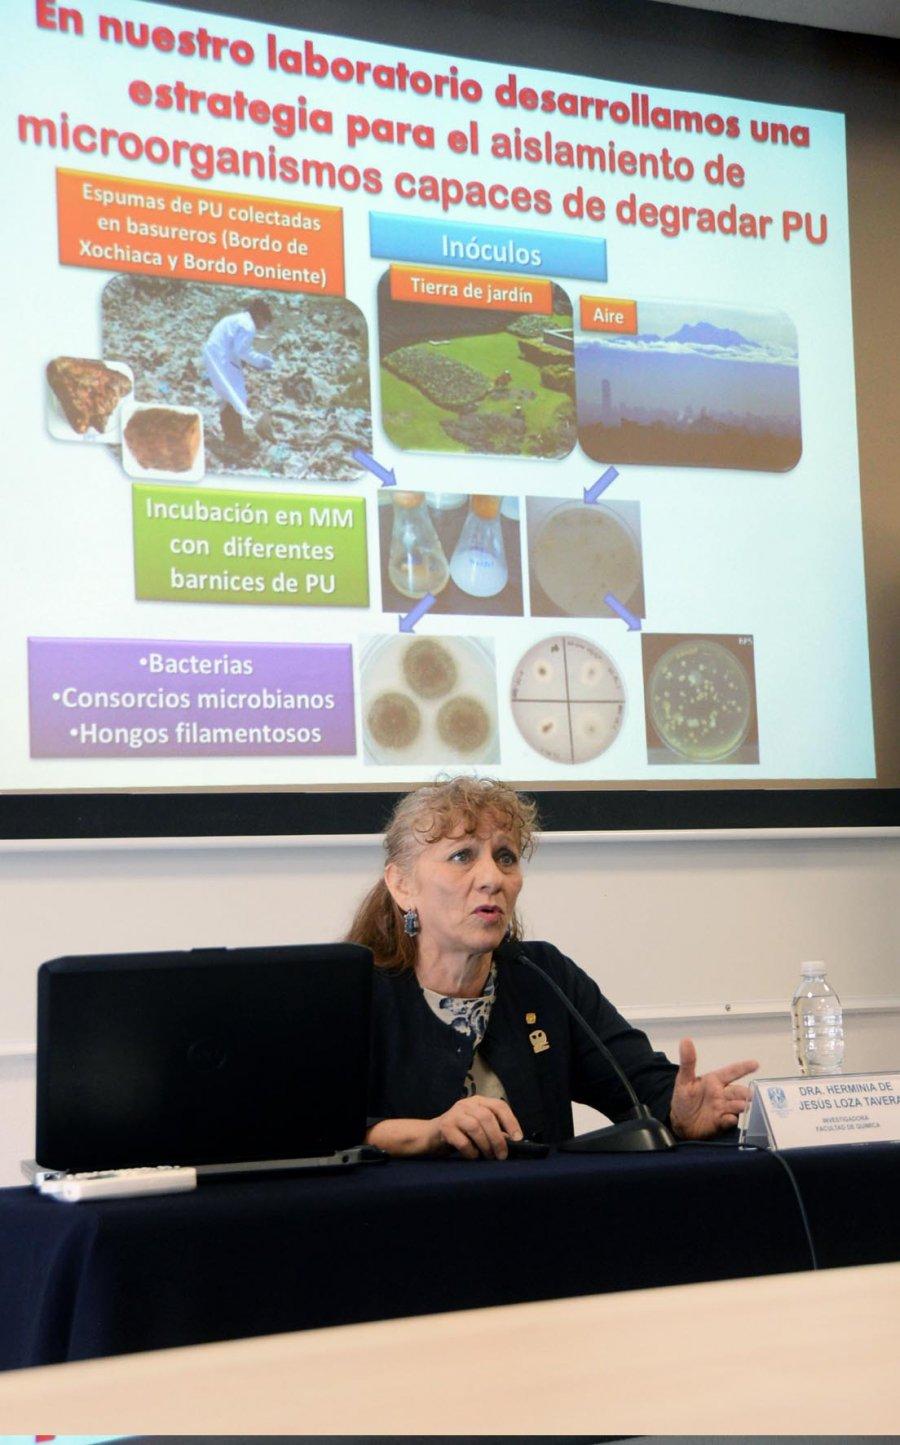 IDENTIFICAN EN LA UNAM MICROORGANISMOS CAPACES DE DEGRADAR POLIURETANO CON MAYOR EFICIENCIA